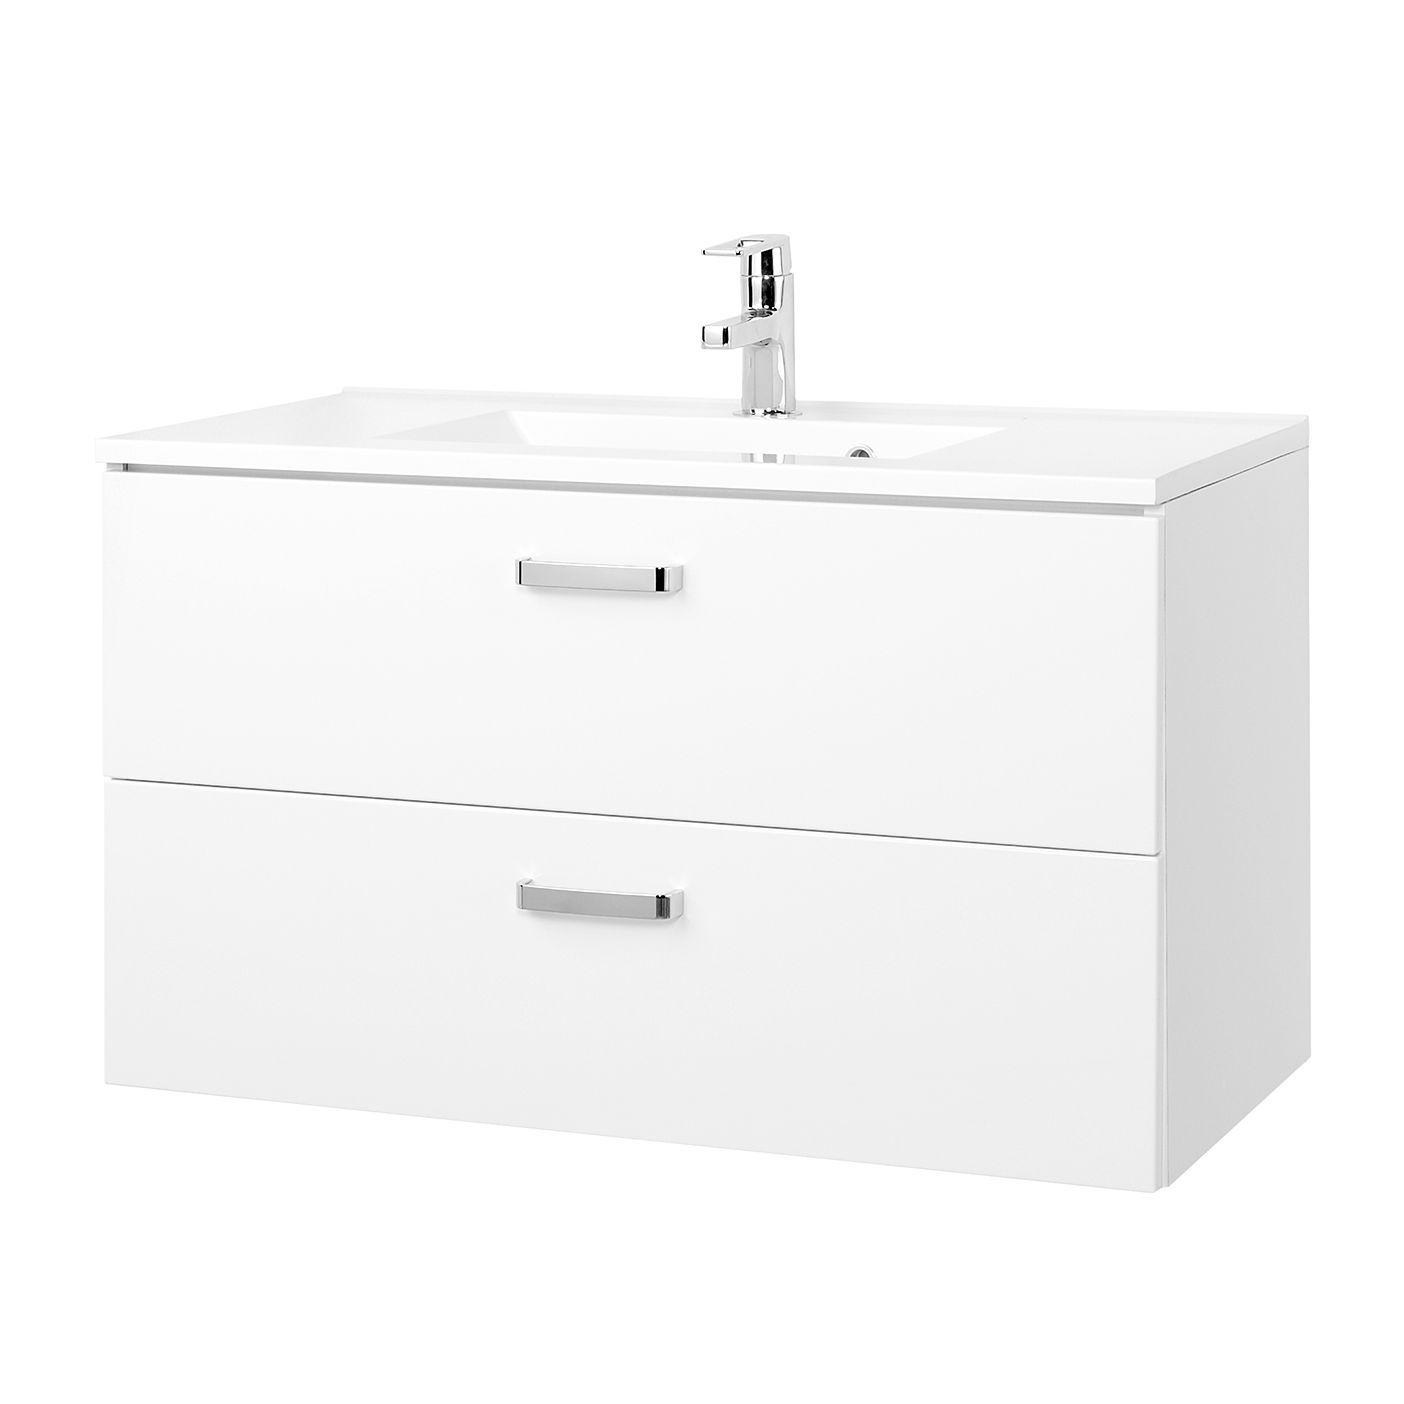 Waschtisch Zeehan - Weiß - 90 cm, Giessbach Jetzt bestellen unter ...